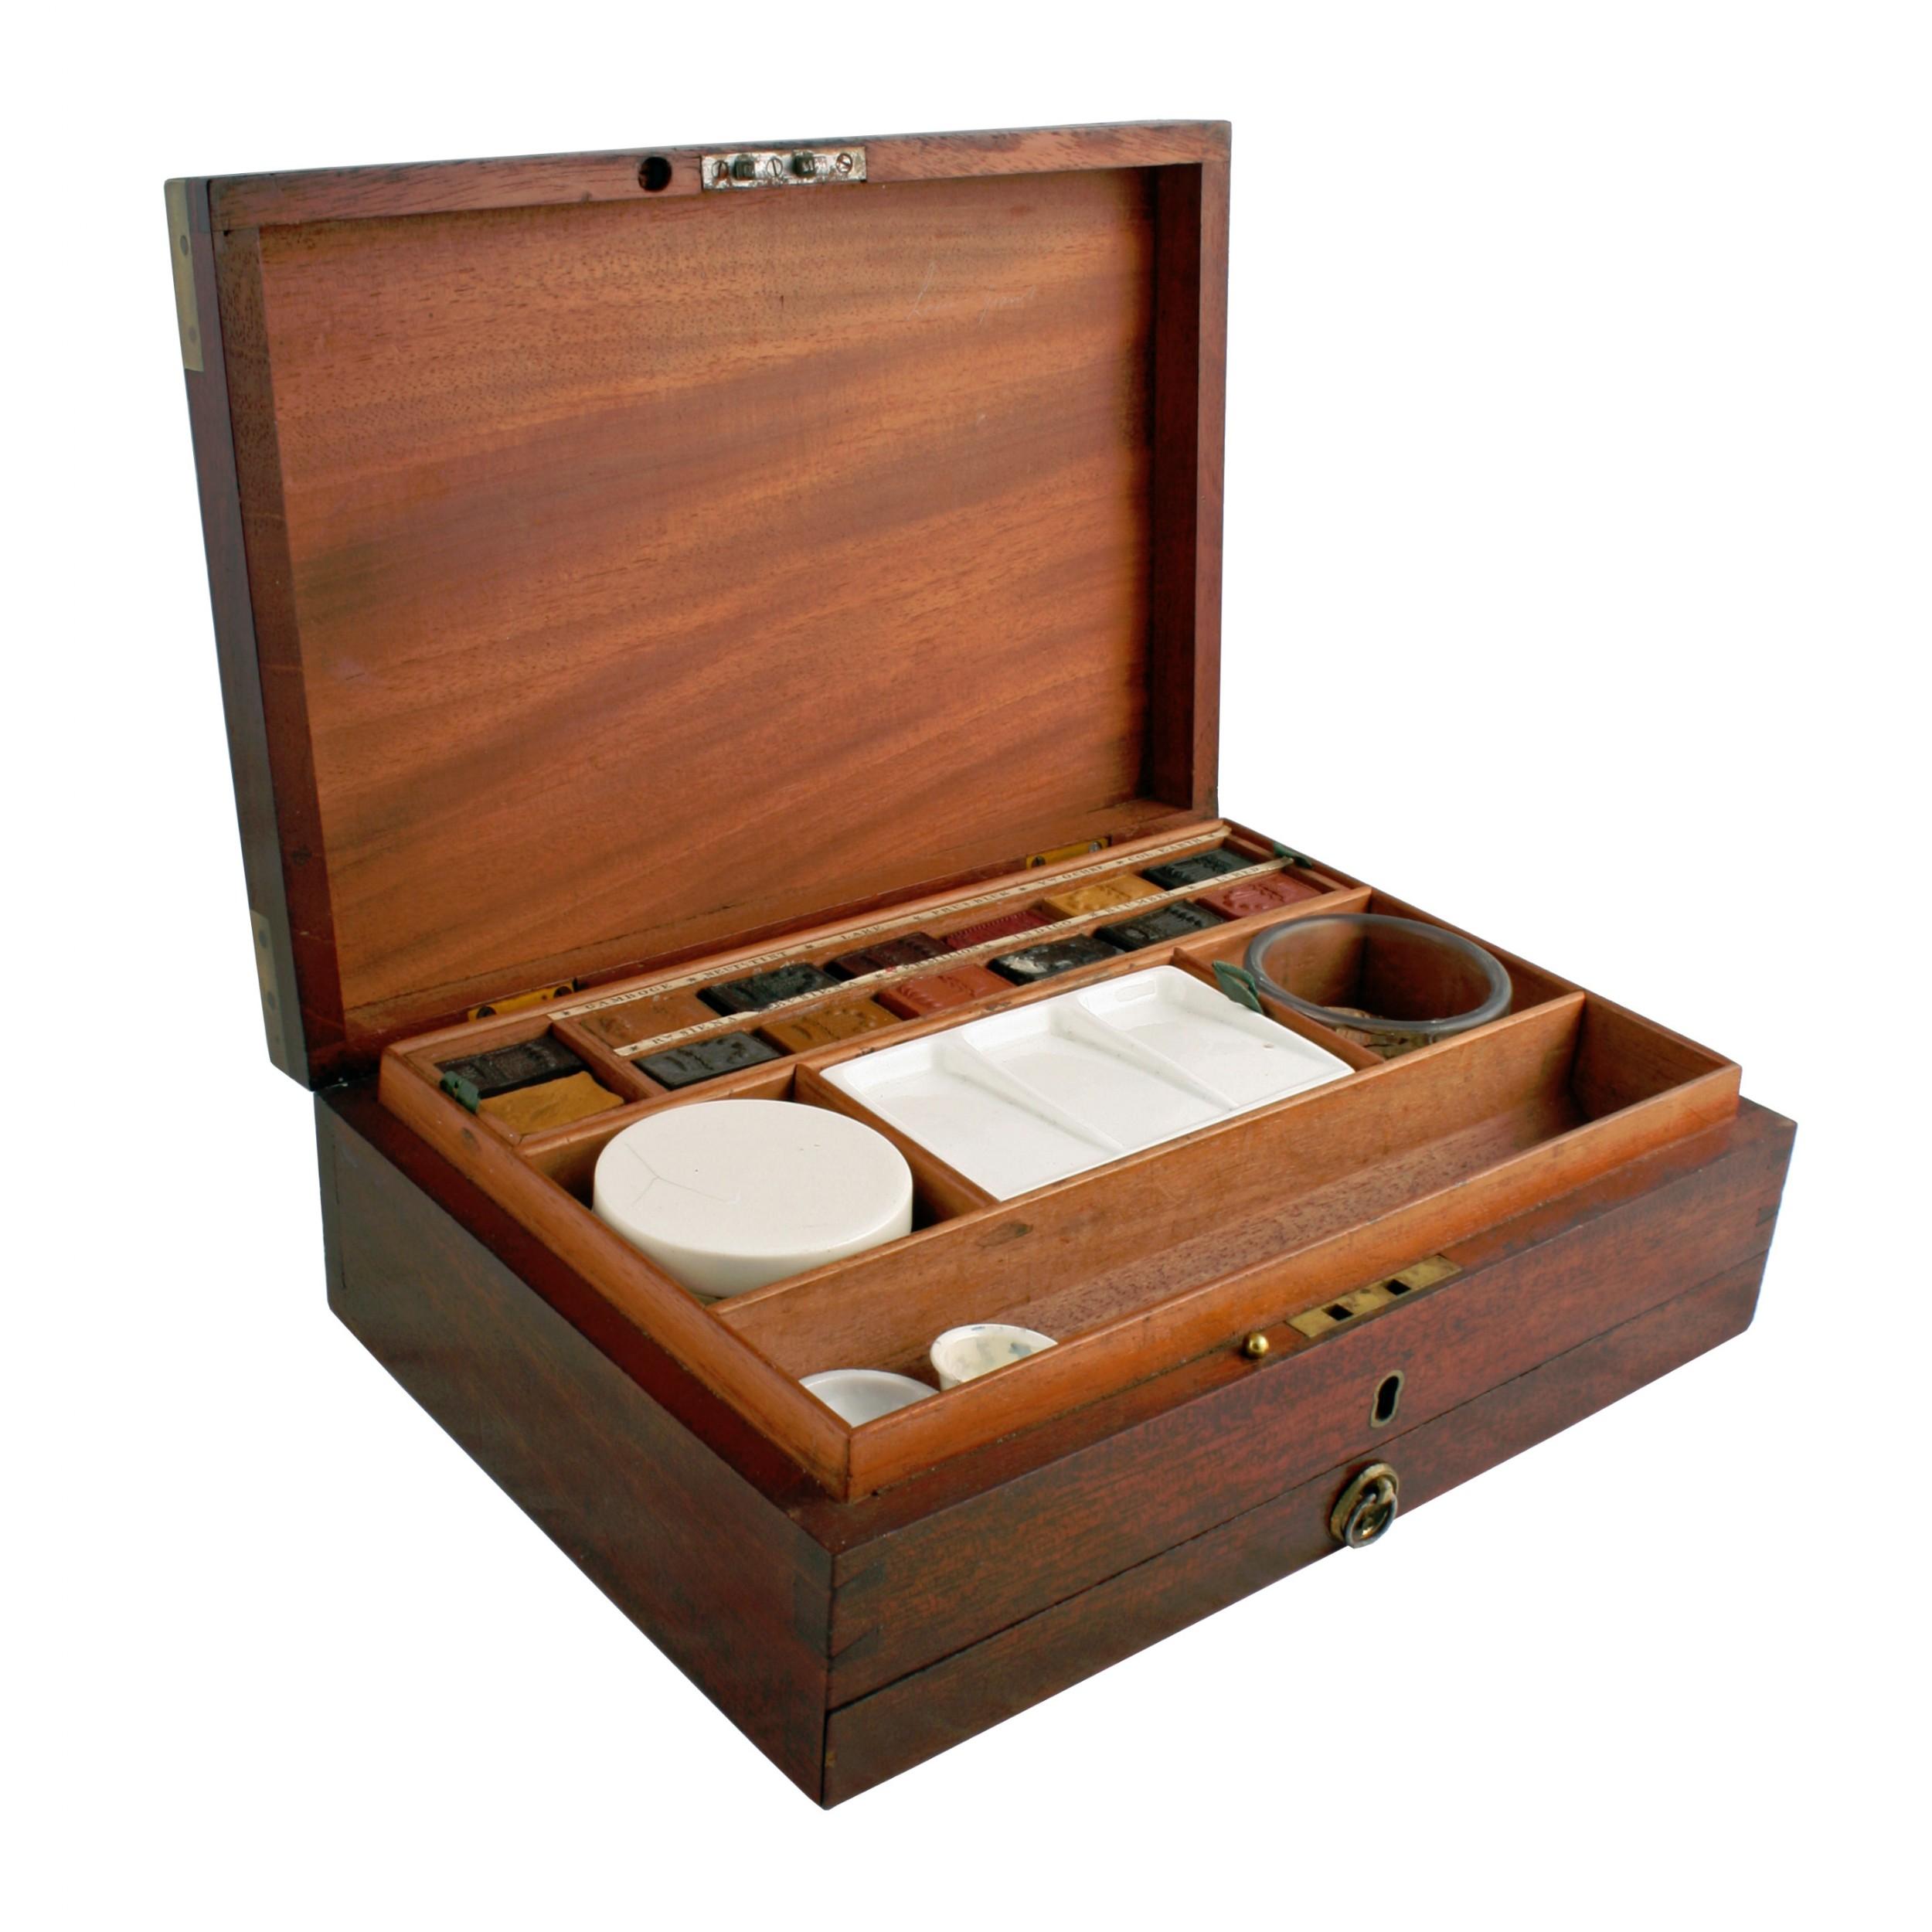 newman's artist's paint box